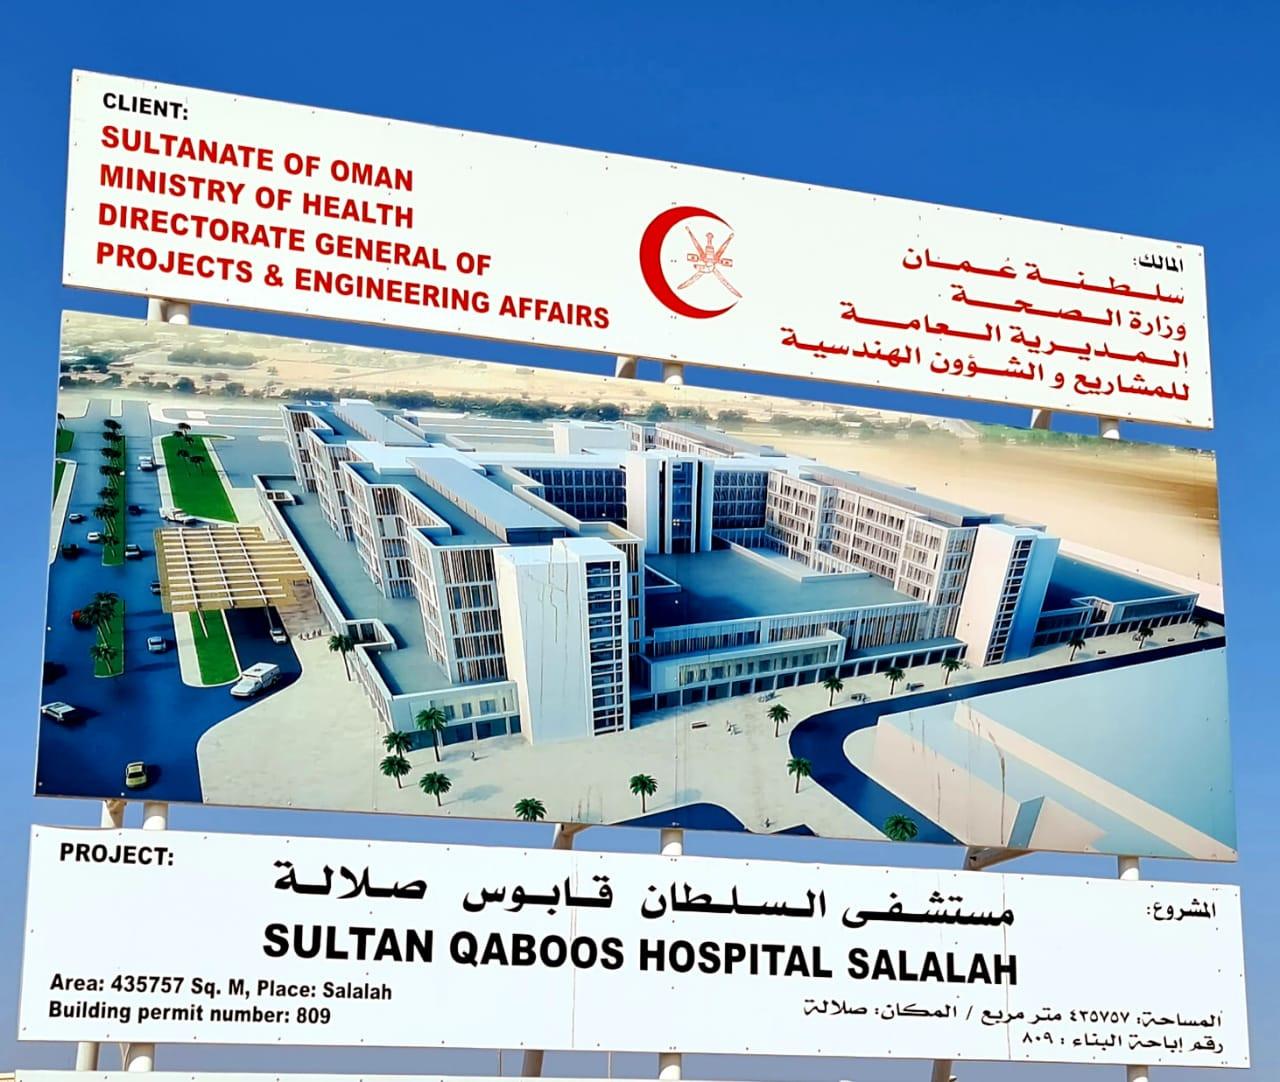 الاحتفال-بوضع-حجر-الأساس-لمشروع-مستشفى-السلطان-قابوس-الجديد-بصلالة44.jpg